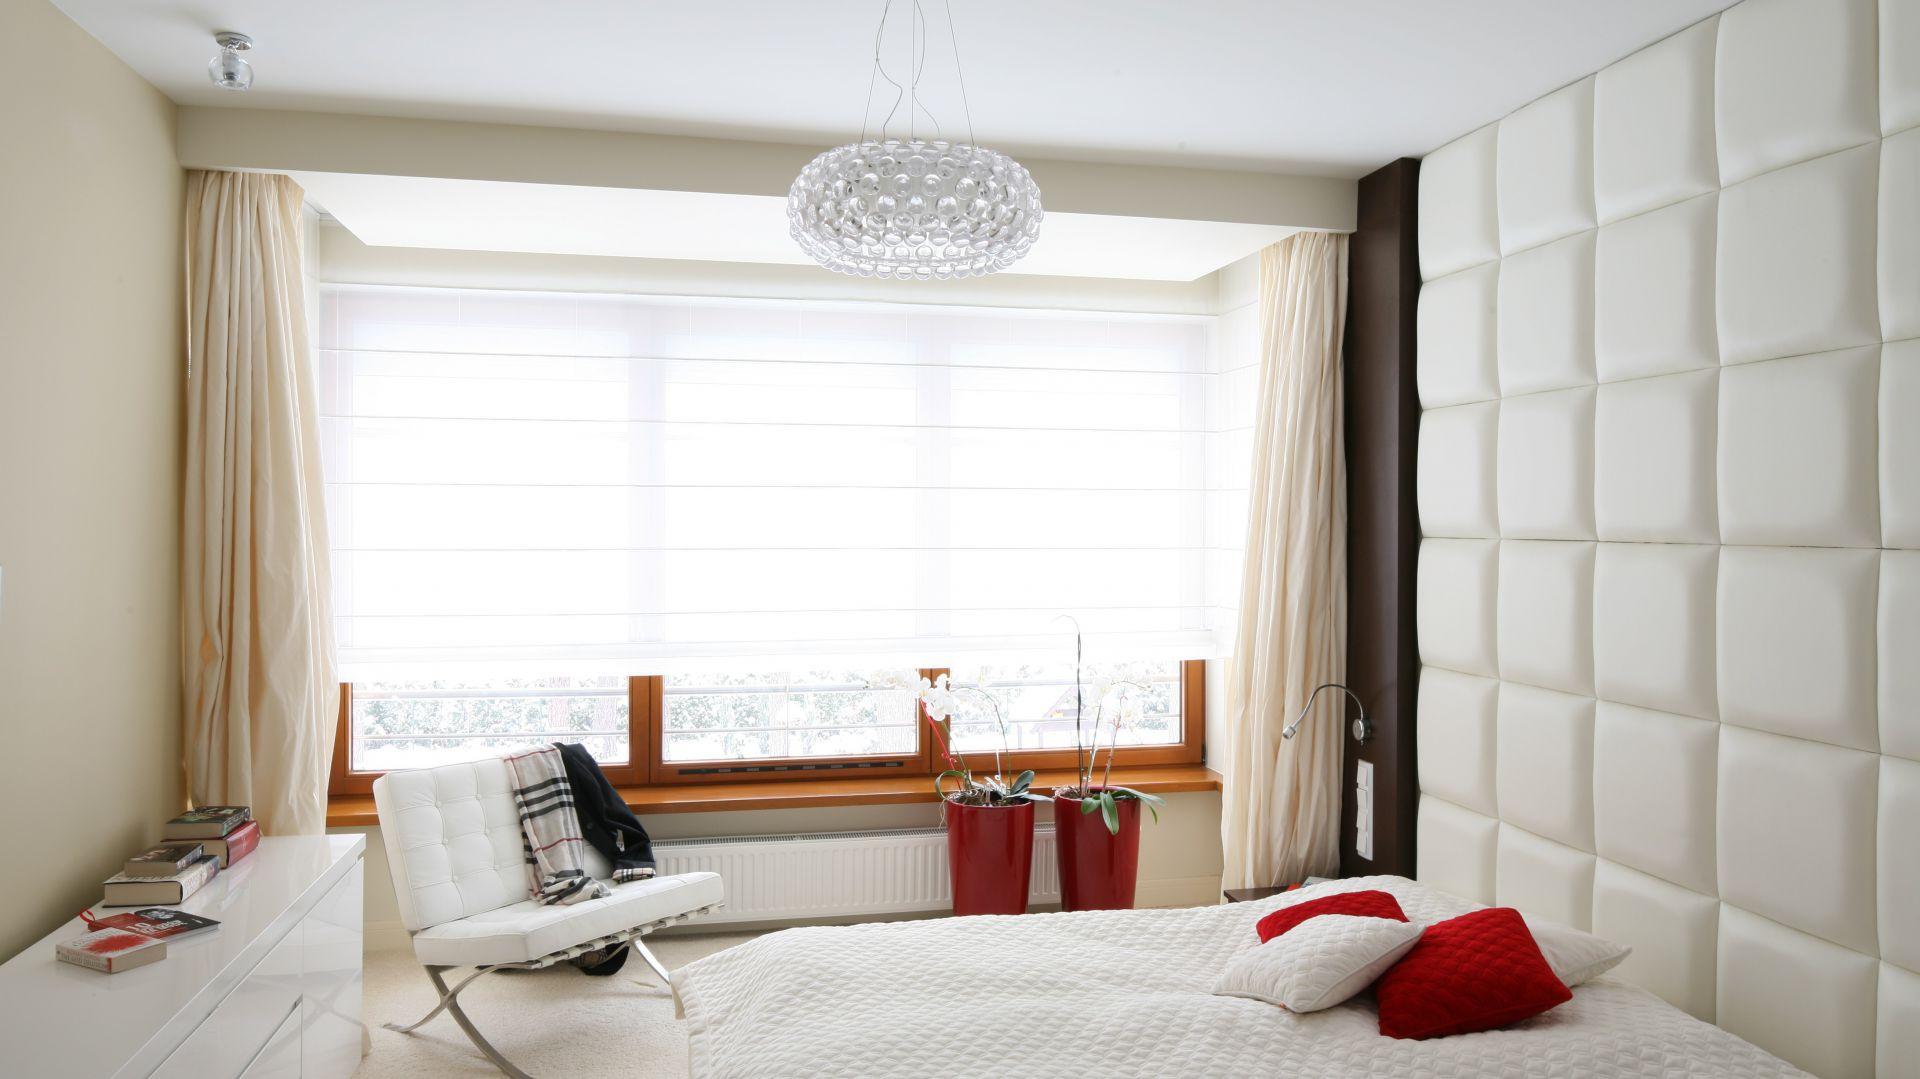 Tapicerowana ściana stanowi funkcjonalne rozwiązanie. Z jasnym łóżkiem tworzy spójną całość. Proj. Katarzyna Mikulska – Sękalska. Fot.Bartosz Jarosz